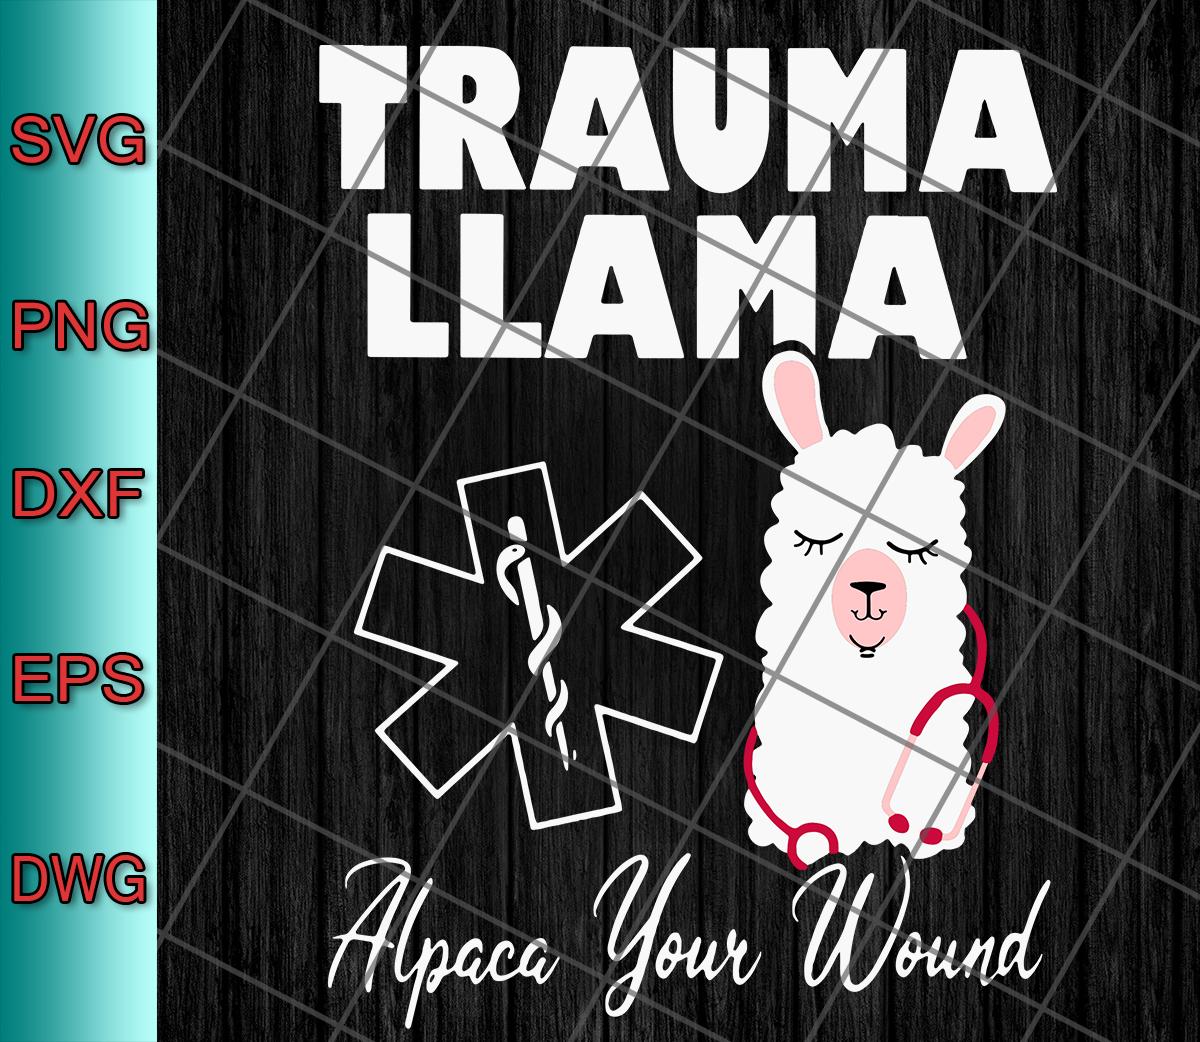 Trauma Llama Alpaca Your Wound Svg Png Eps Dxf Designs Digital Download